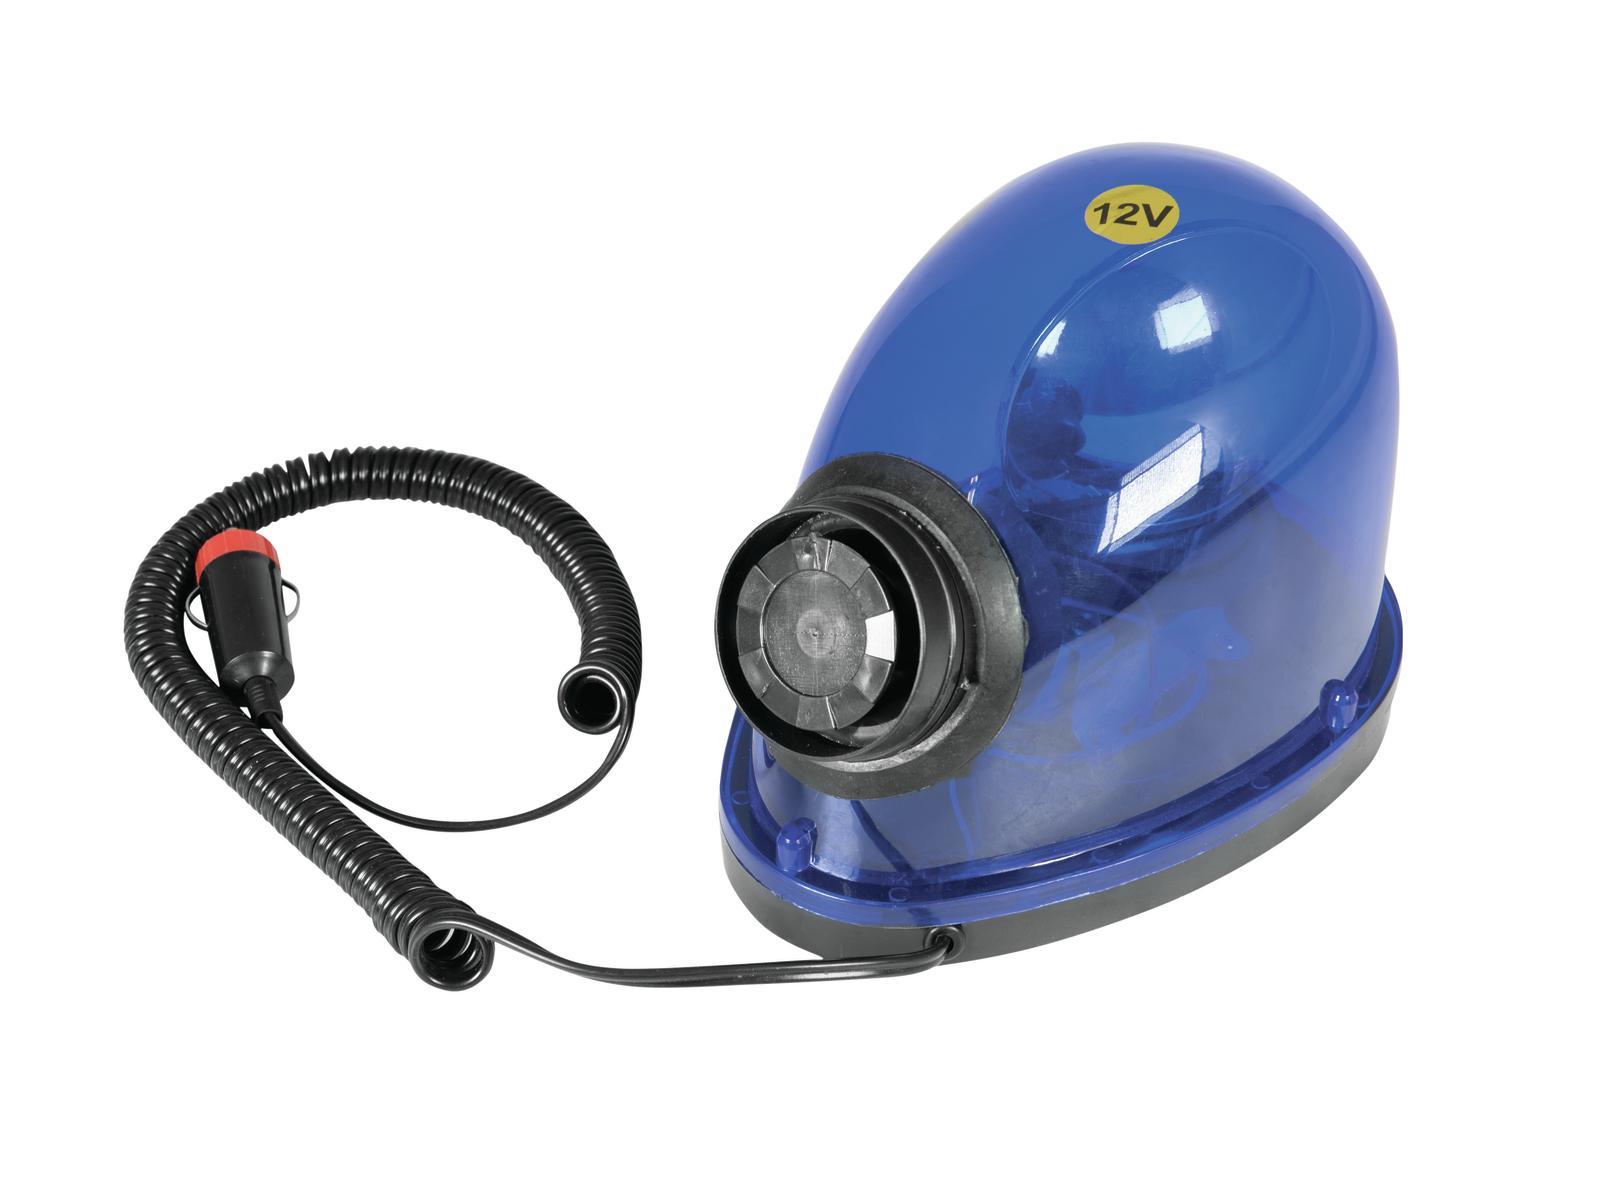 EUROLITE Polizia lampeggiante Sirena Beacon STA-1221S blu 12V/21W